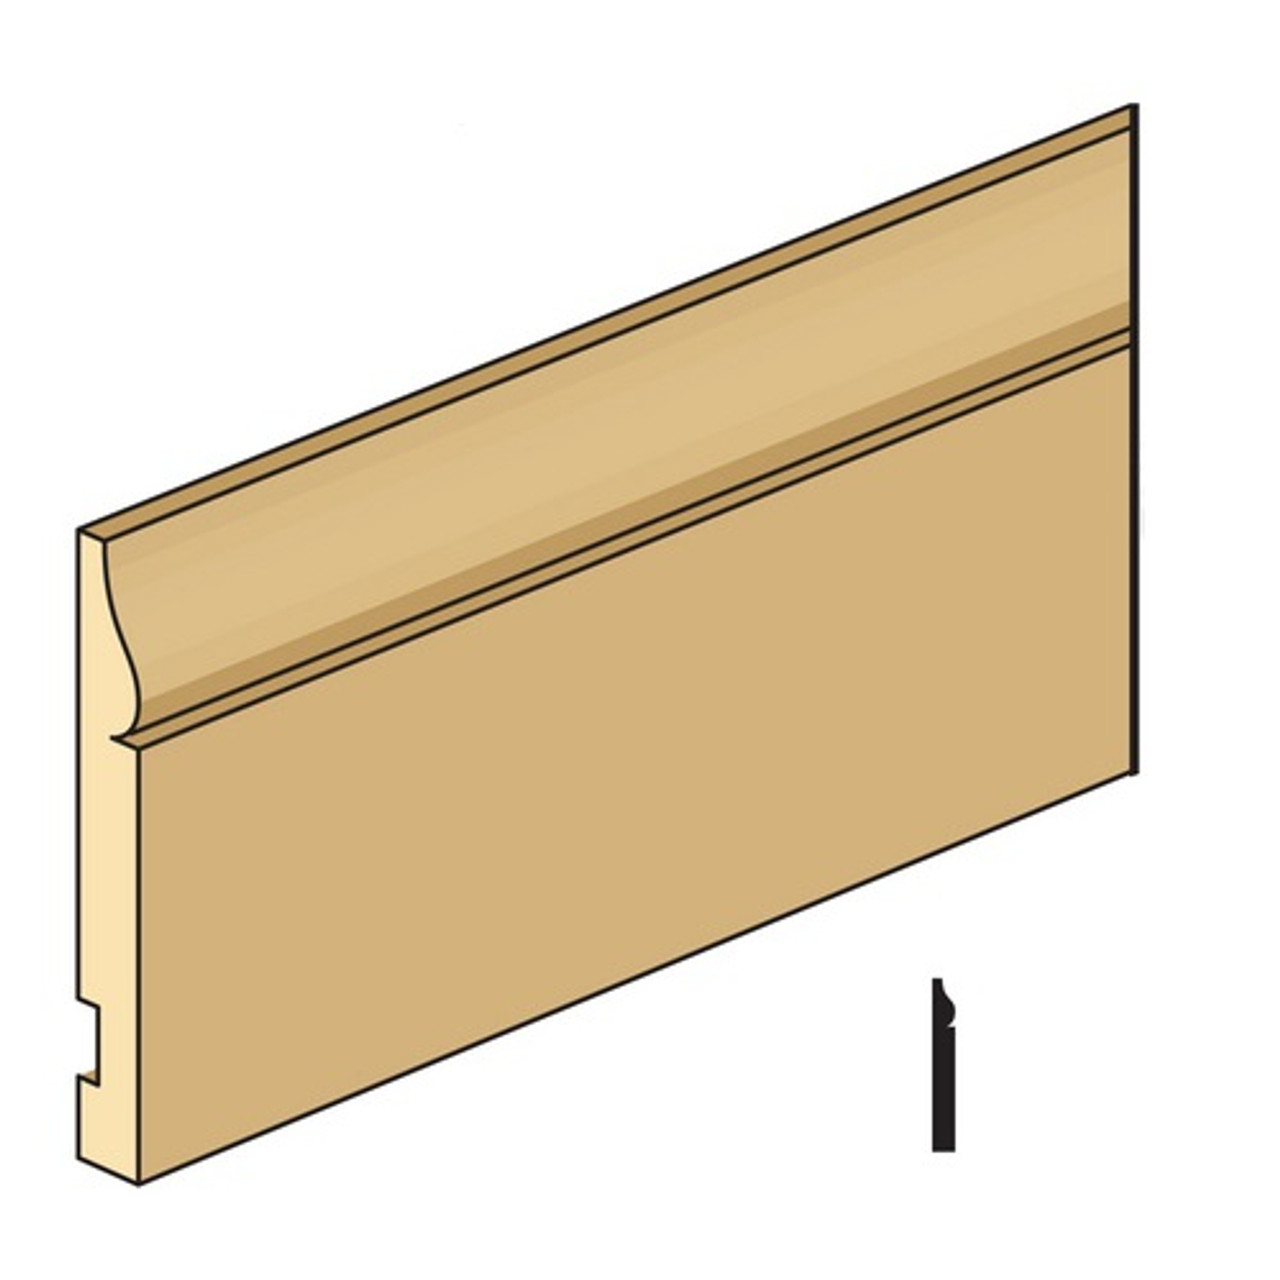 BBA-8 half-inch scale baseboard (CLA77939)